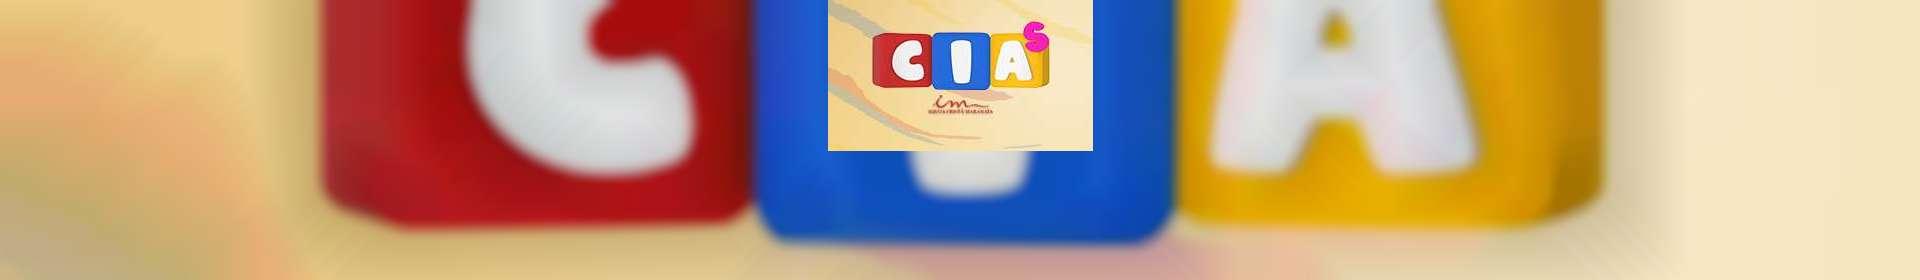 Aula de CIAS: classe de 07 a 11 anos - 16 de abril de 2020